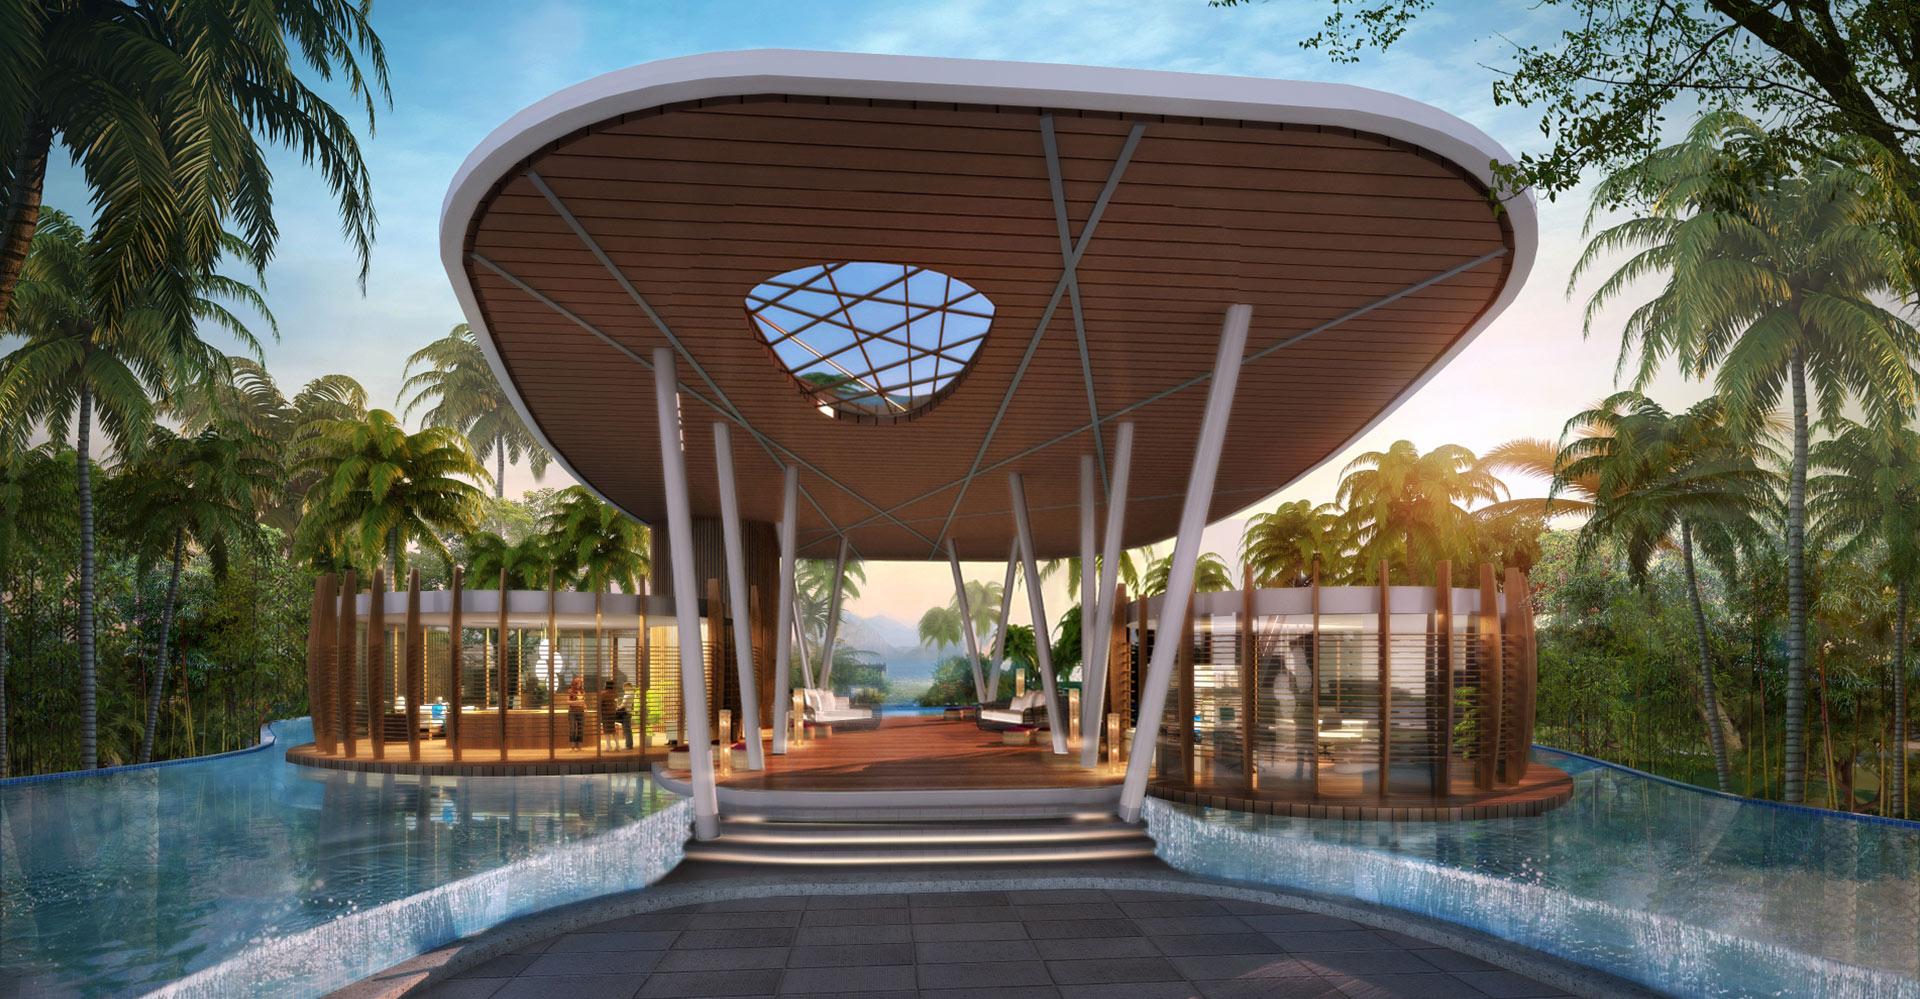 Yanlord Crowne Plaza Resort China WATG Pavillion